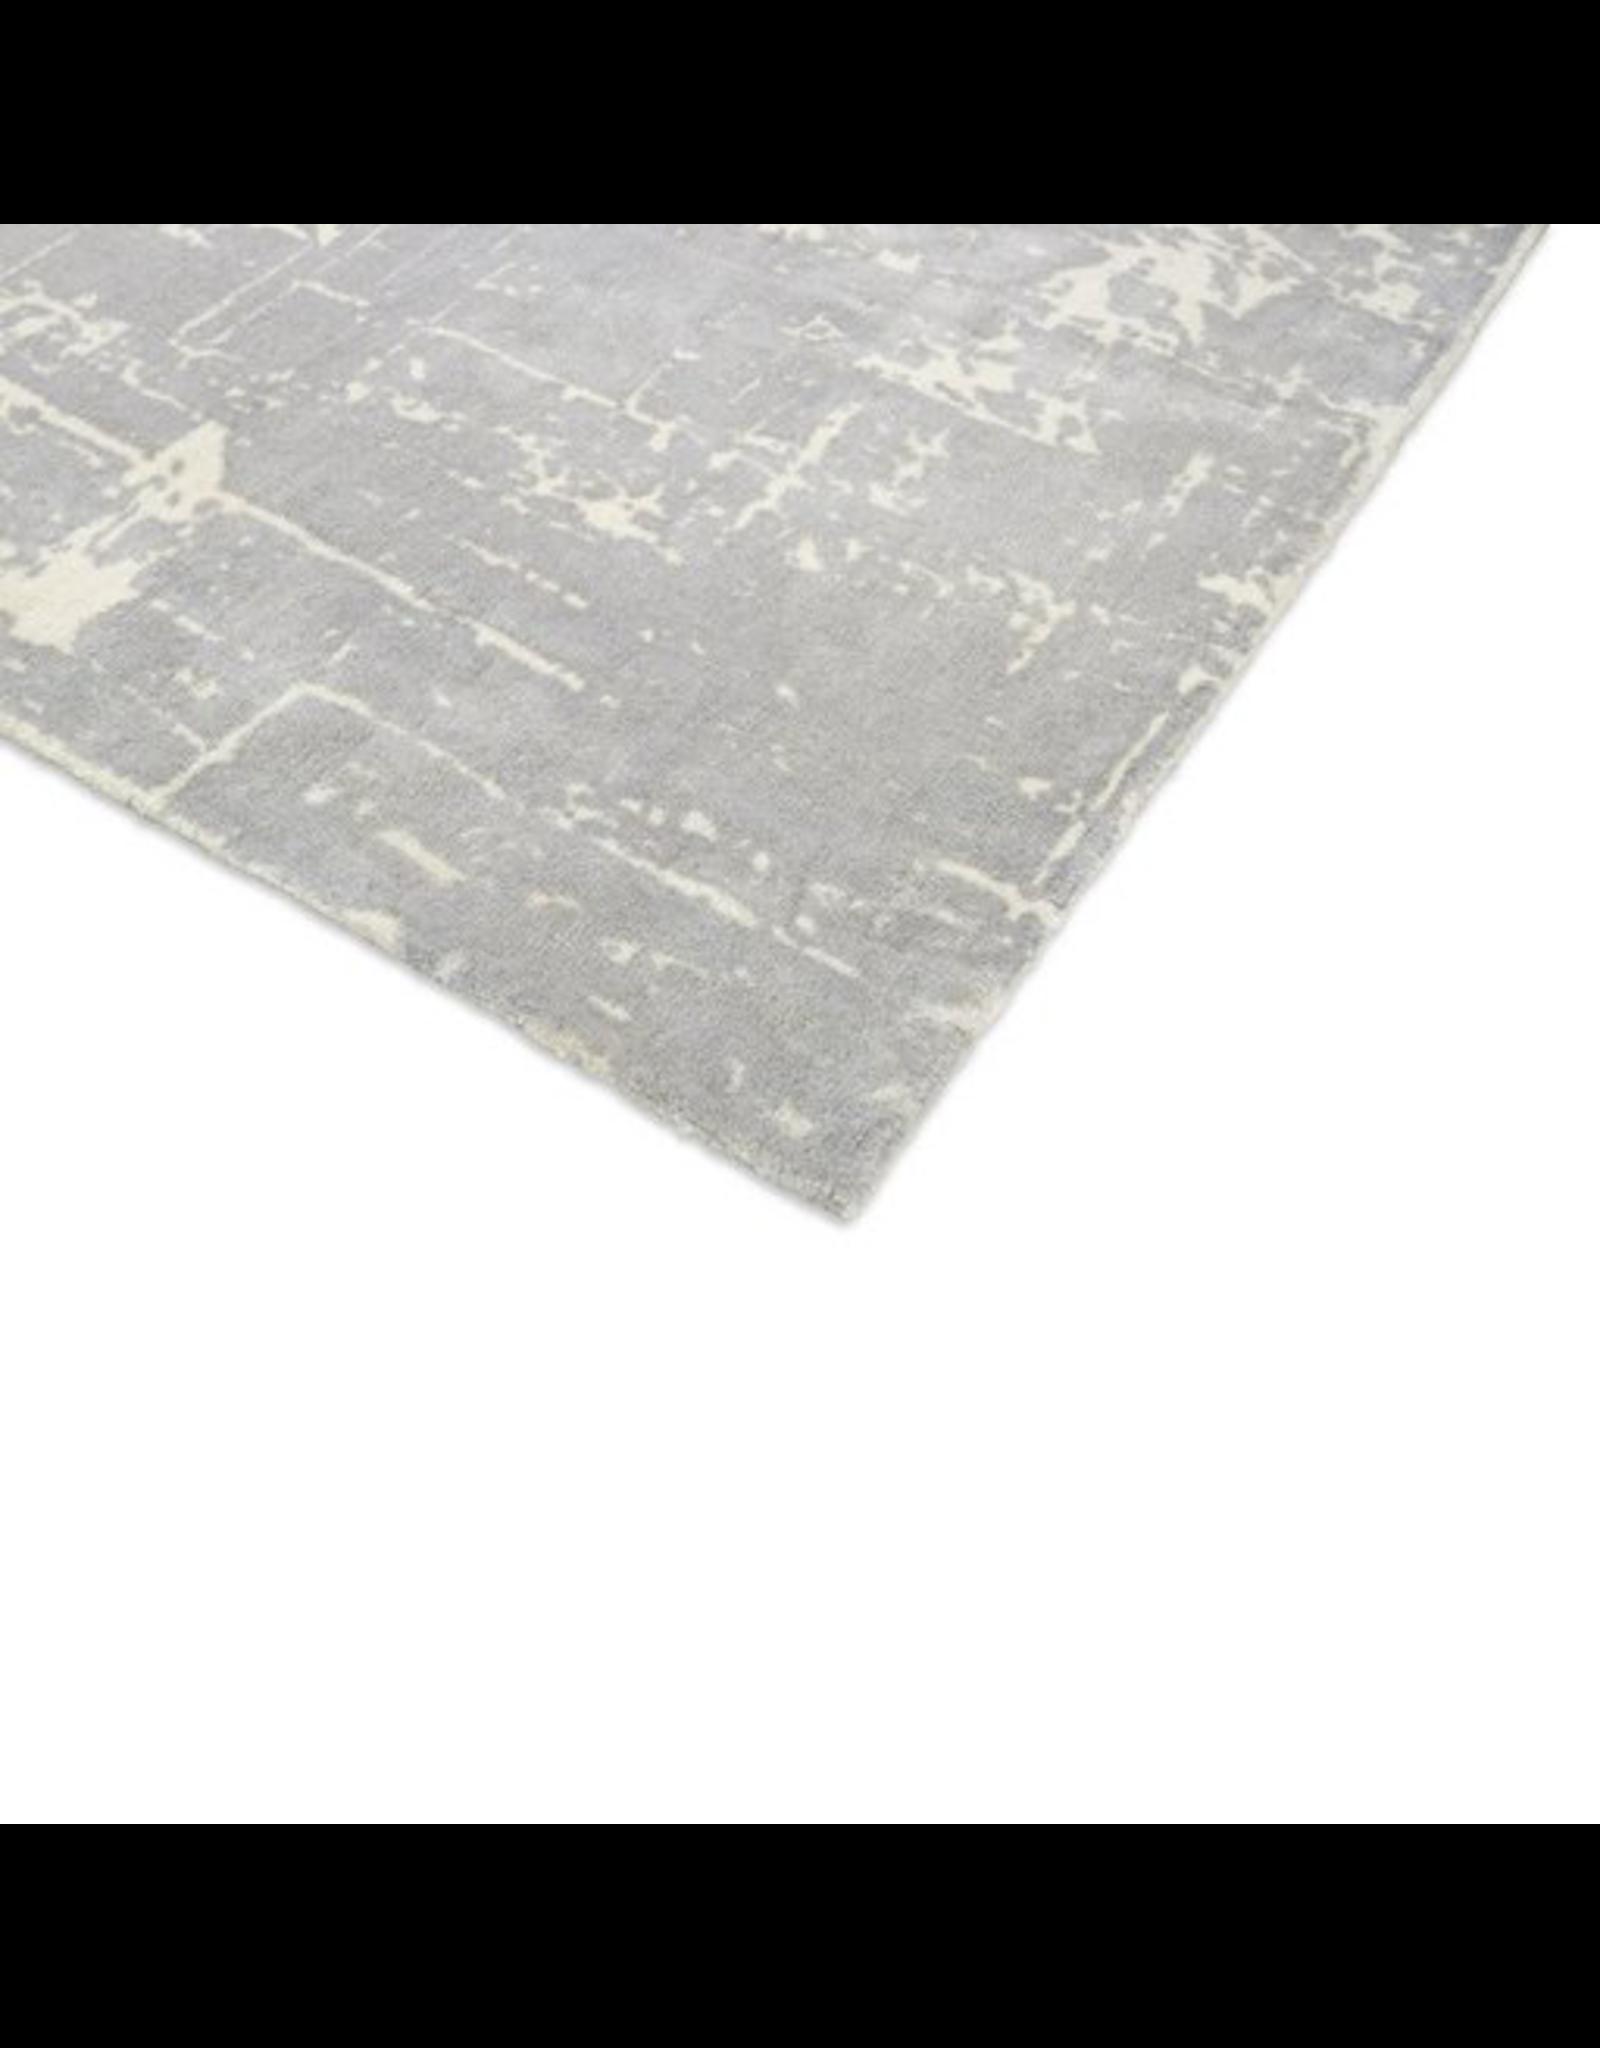 OILFIELD INFO RUG 灰啡色/米色混合的油田资讯地毯